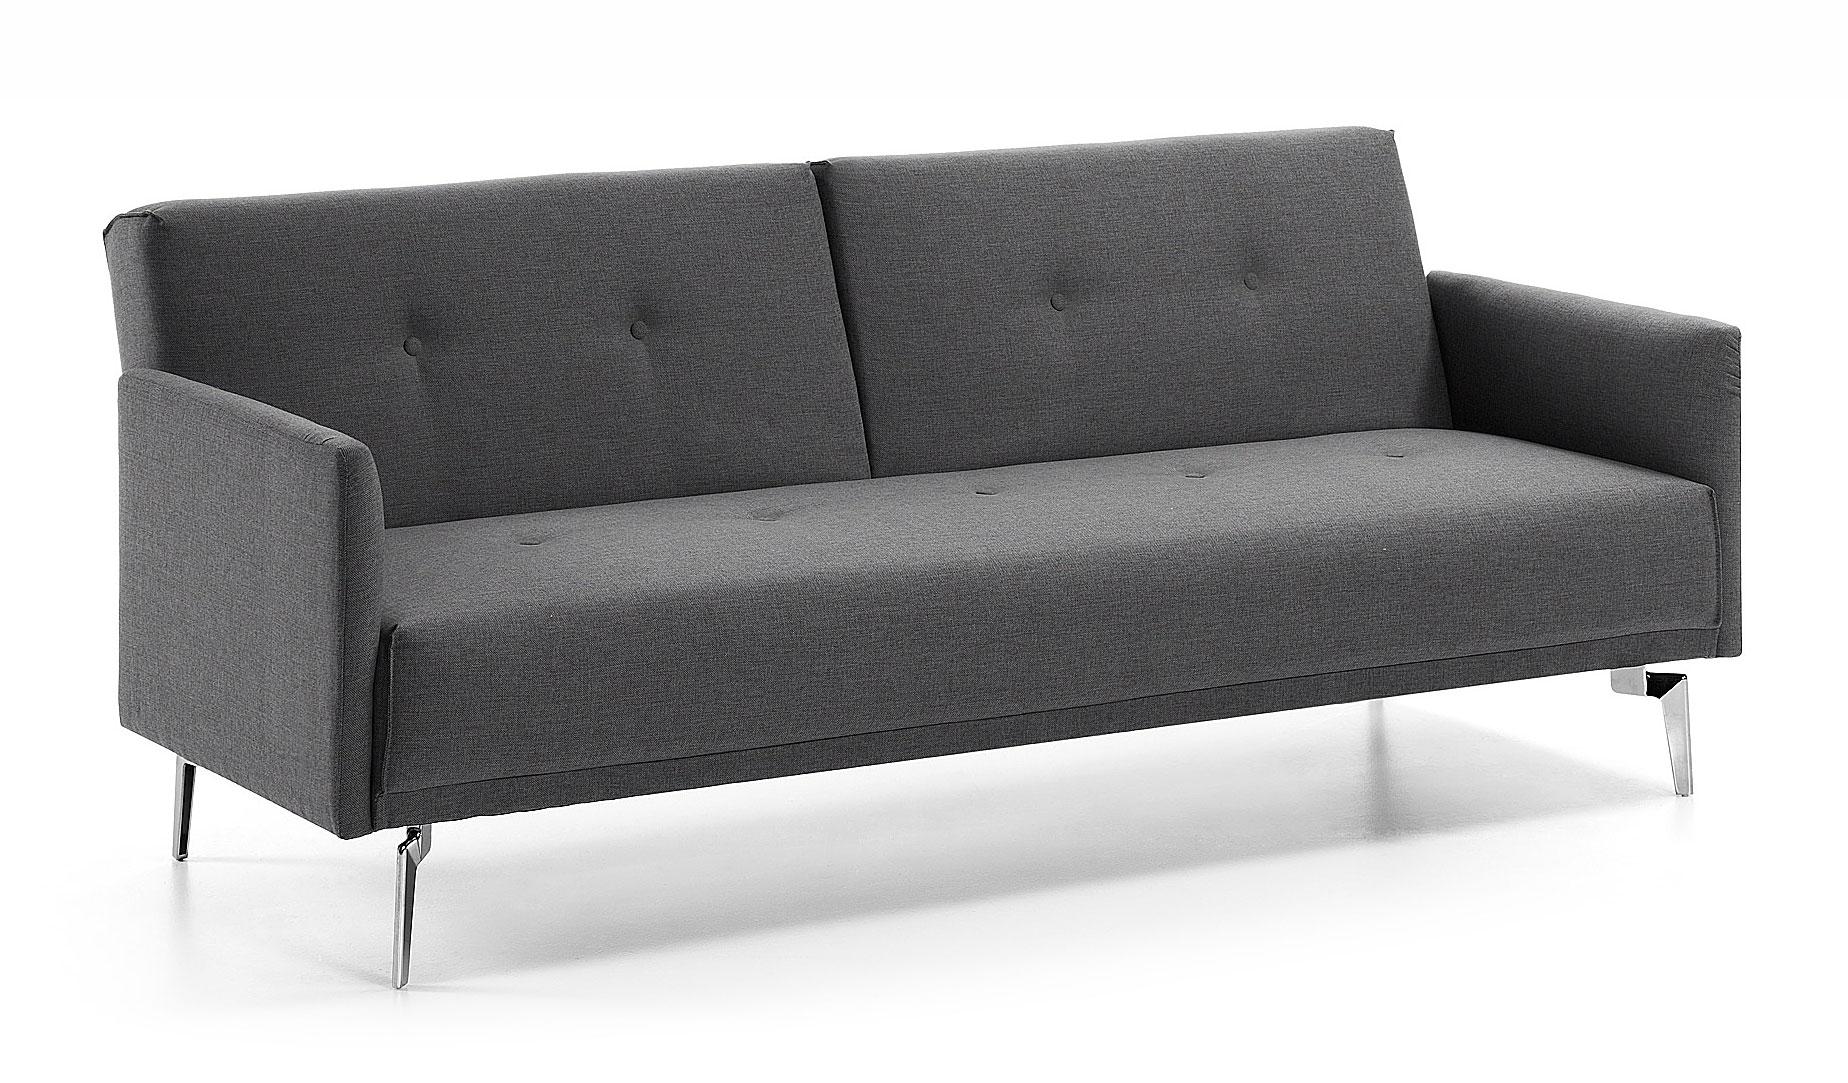 Sofá cama gris Moderno Rolf en Portobellostreet